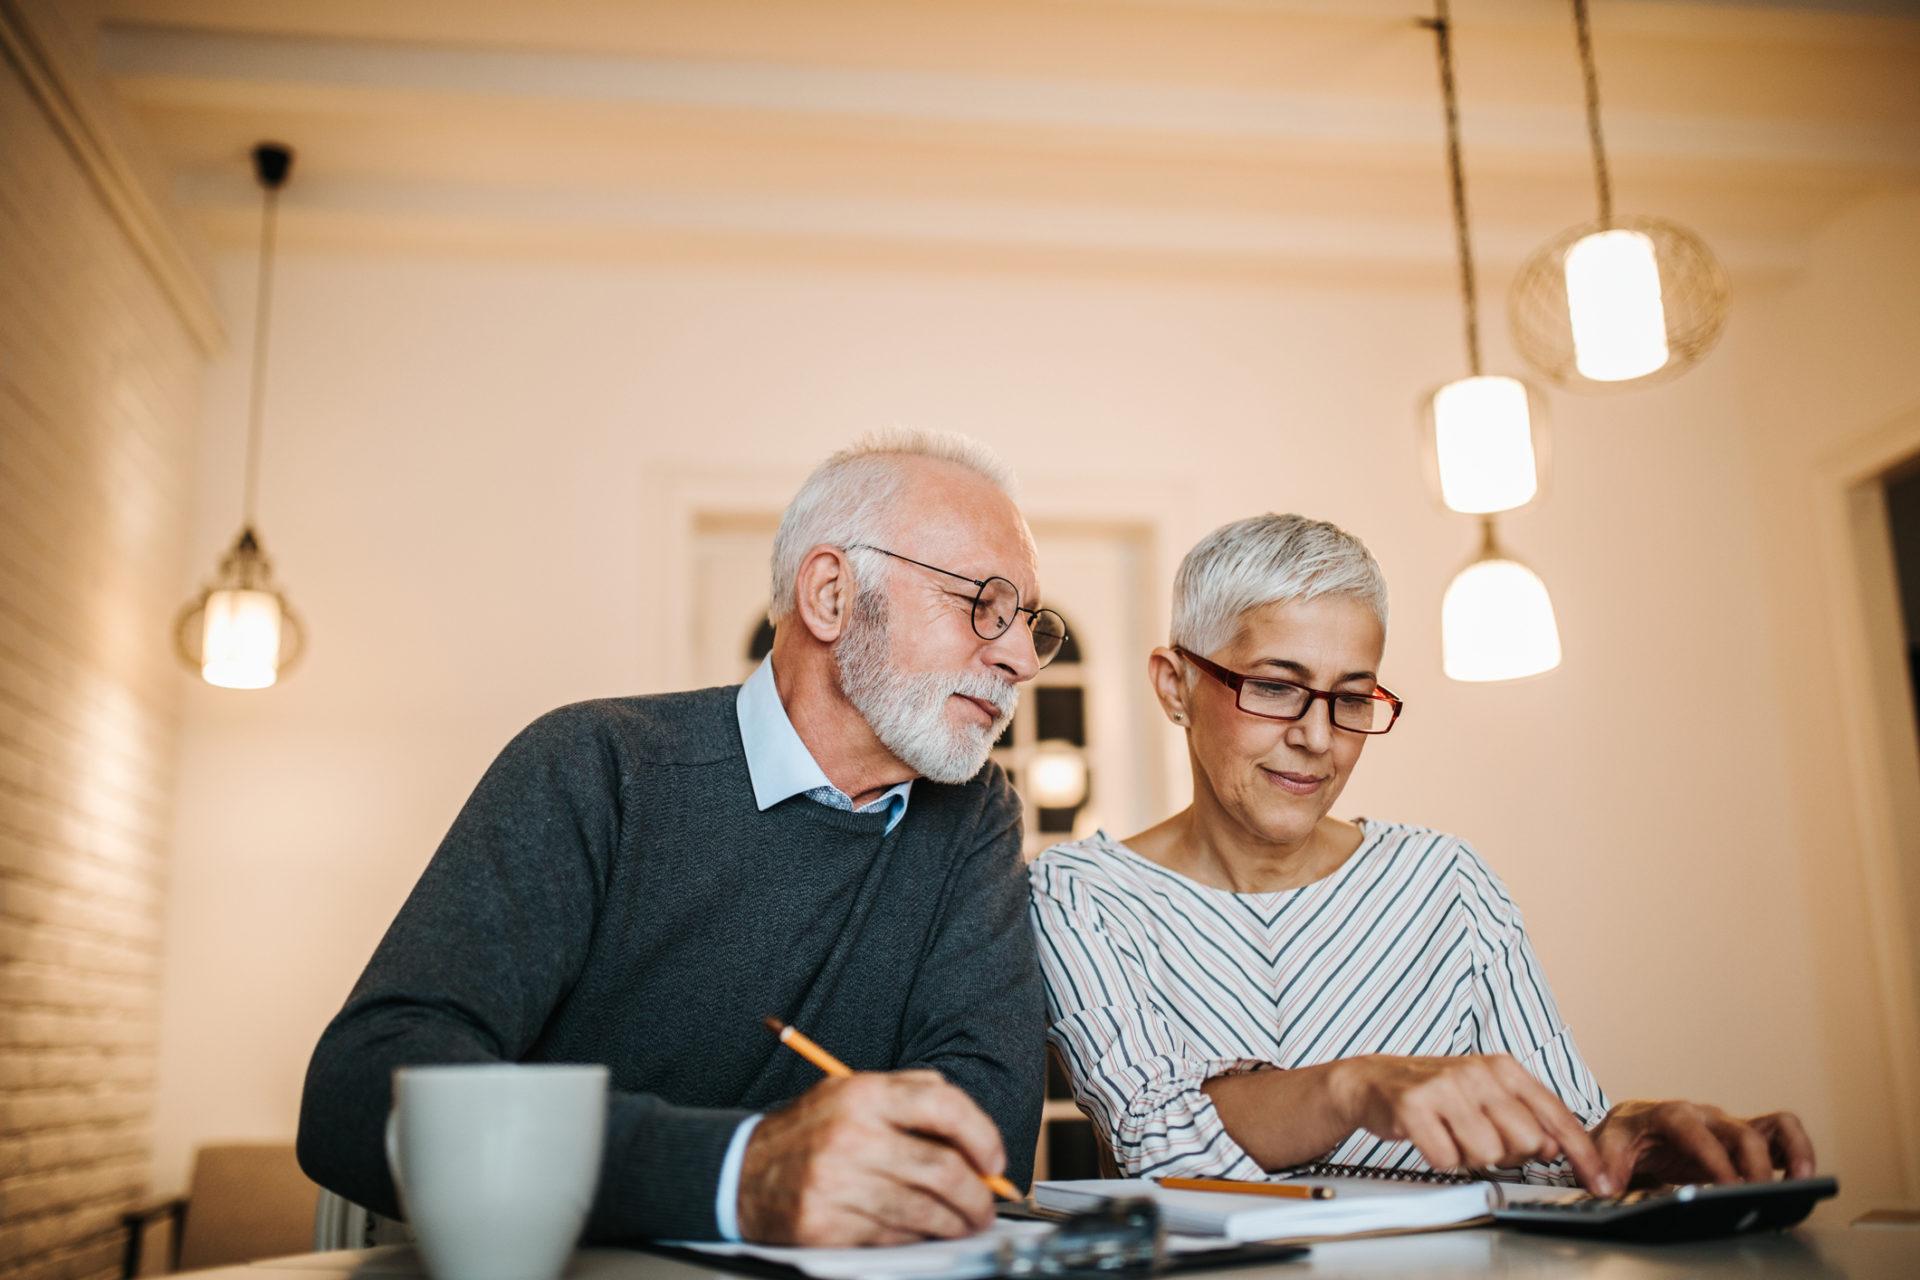 Faible confiance dans une pension confortable